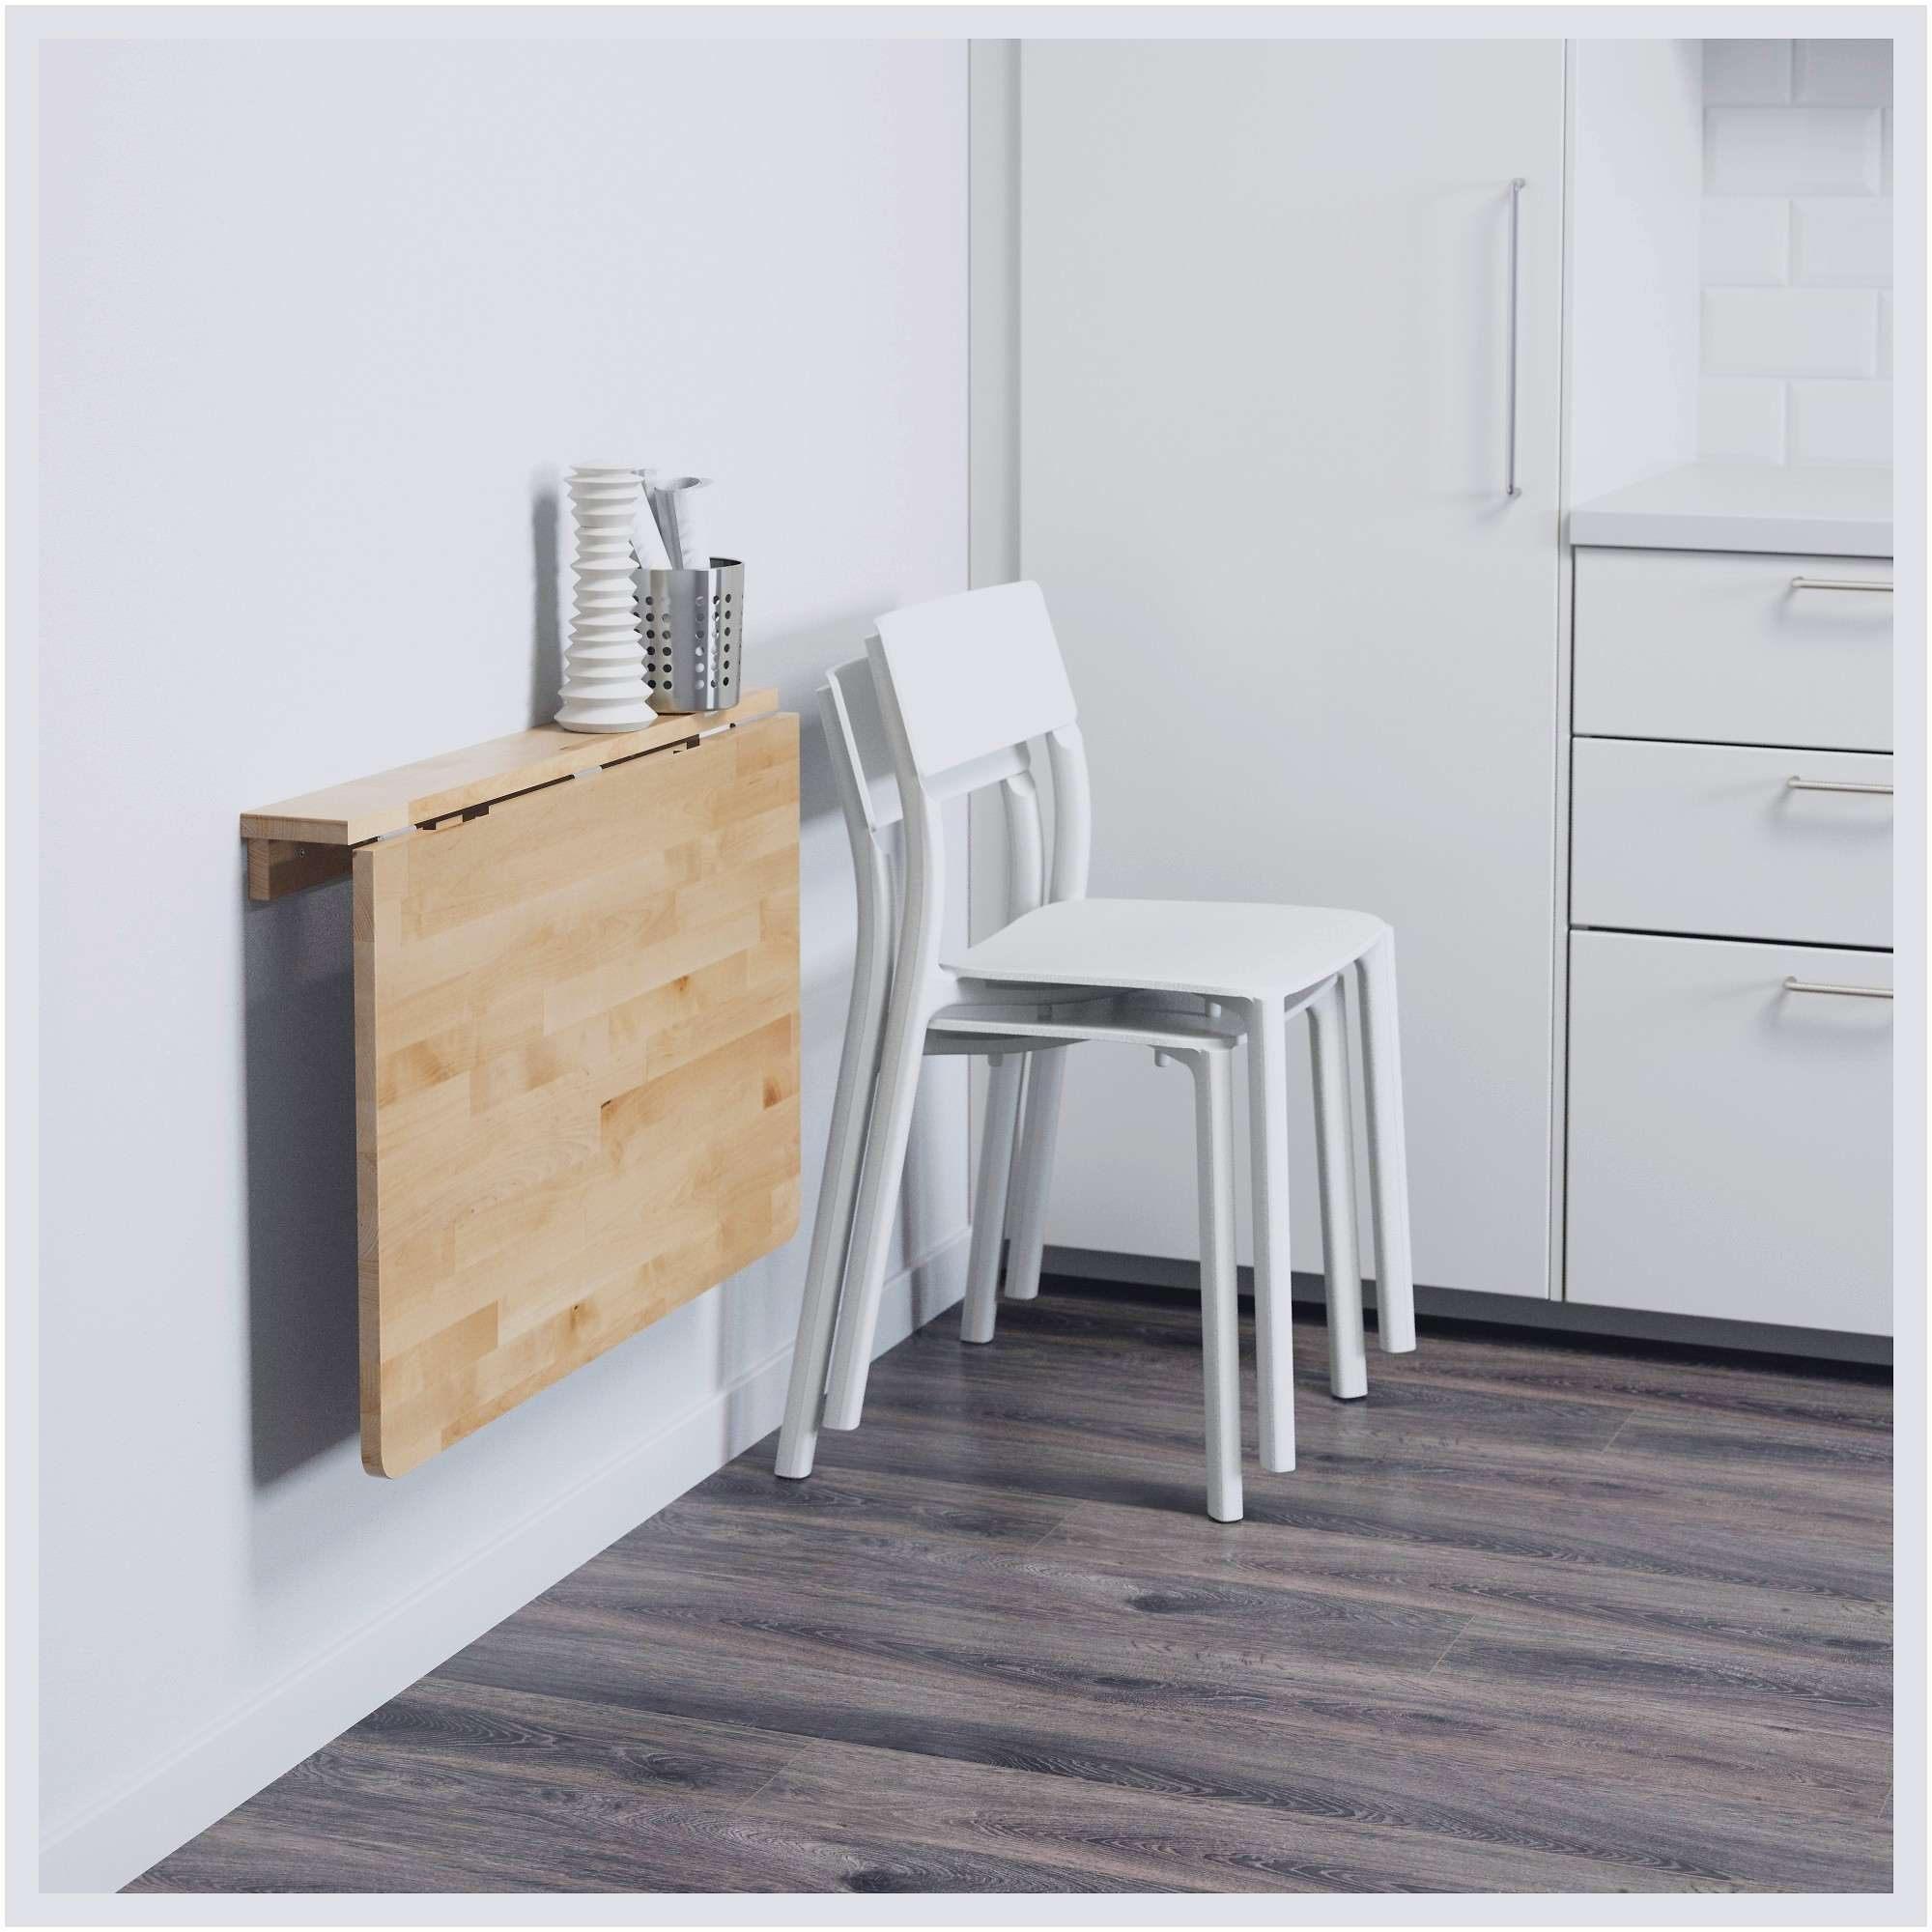 Lit Malm Ikea 90 Nouveau Unique Table Relevable Ikea Luxe Lit Relevable Ikea Meilleur De